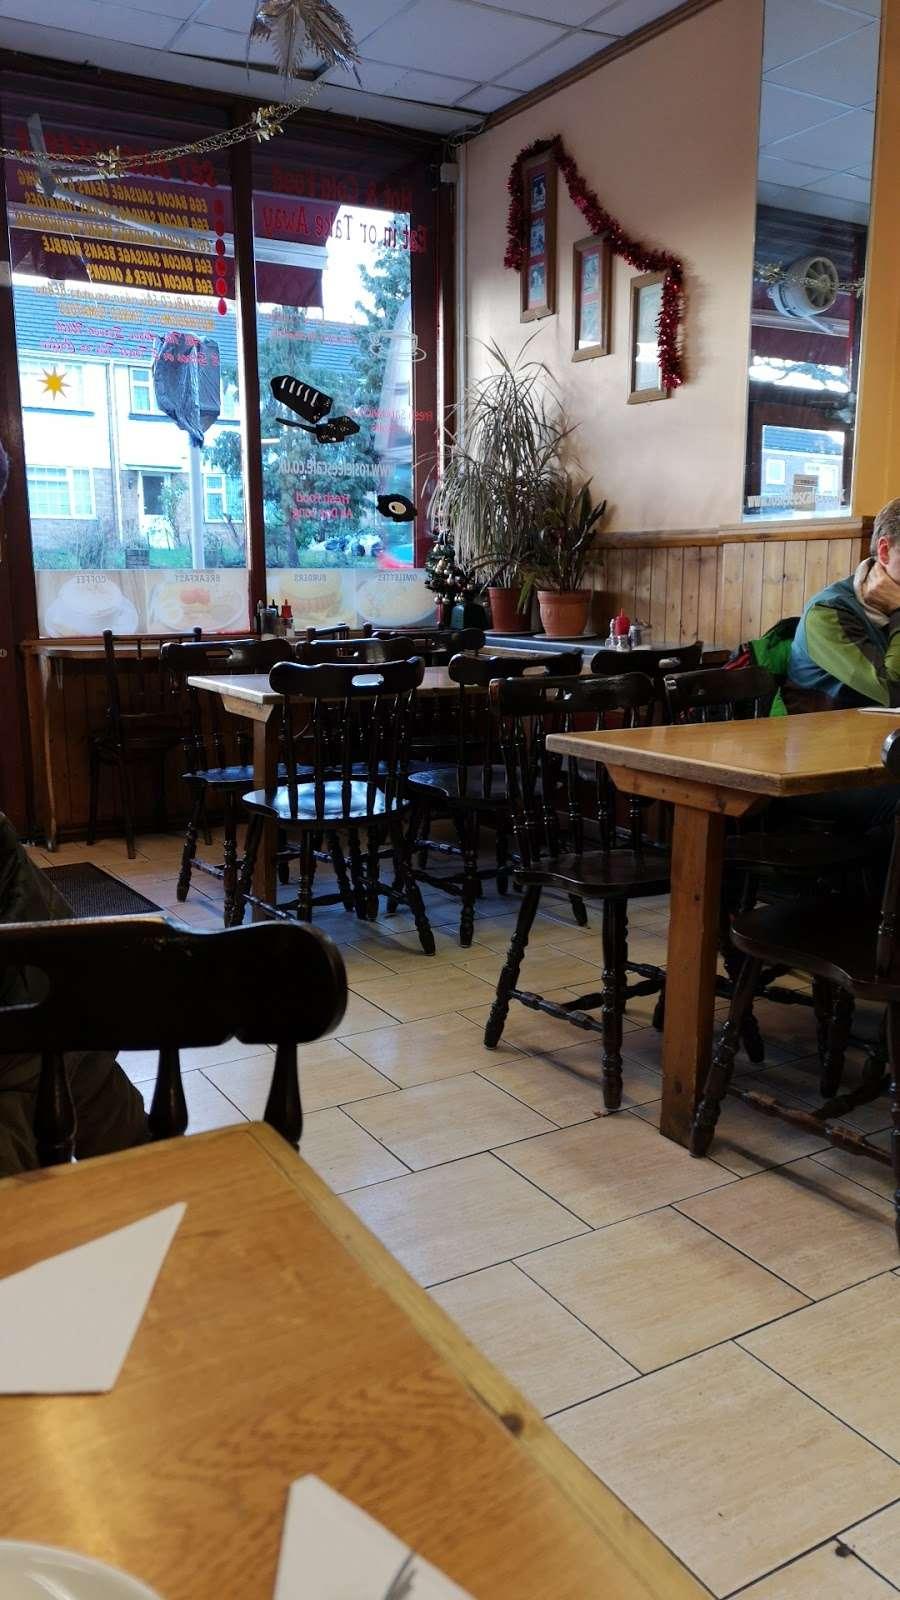 Rosie Lees Cafe - cafe  | Photo 1 of 6 | Address: 147 Anerley Rd, London SE20 8EF, UK | Phone: 020 8778 0776